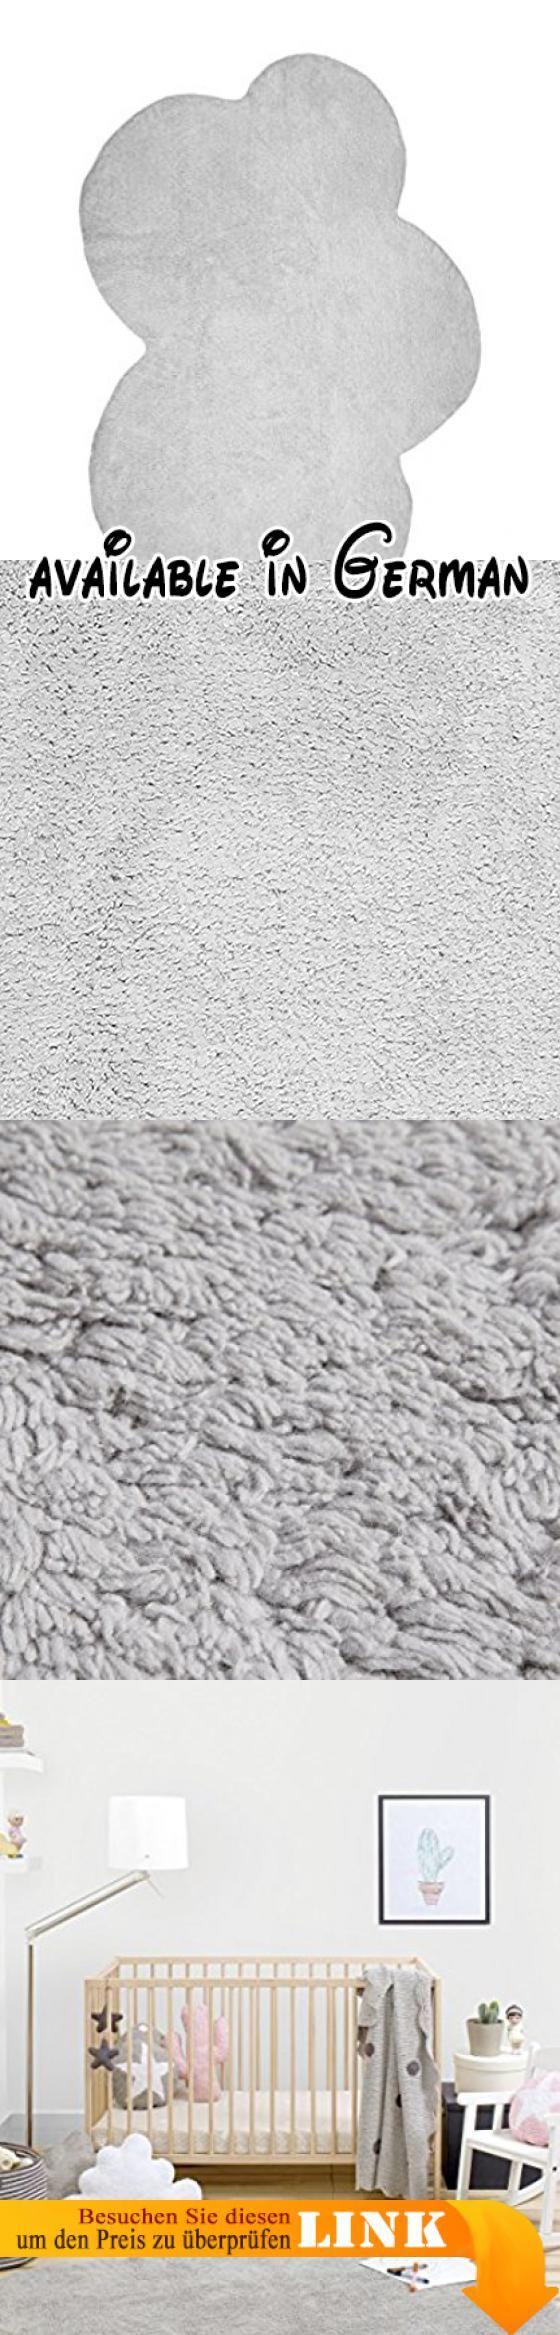 Happy Decor Kids HDK-207 Washable Rug, grau. Waschbar teppich. 120 x 160 cm. 100% baumwolle. Handgefertigt. Natürliche farbstoffe und hypoallergen #Baby #BABY_PRODUCT